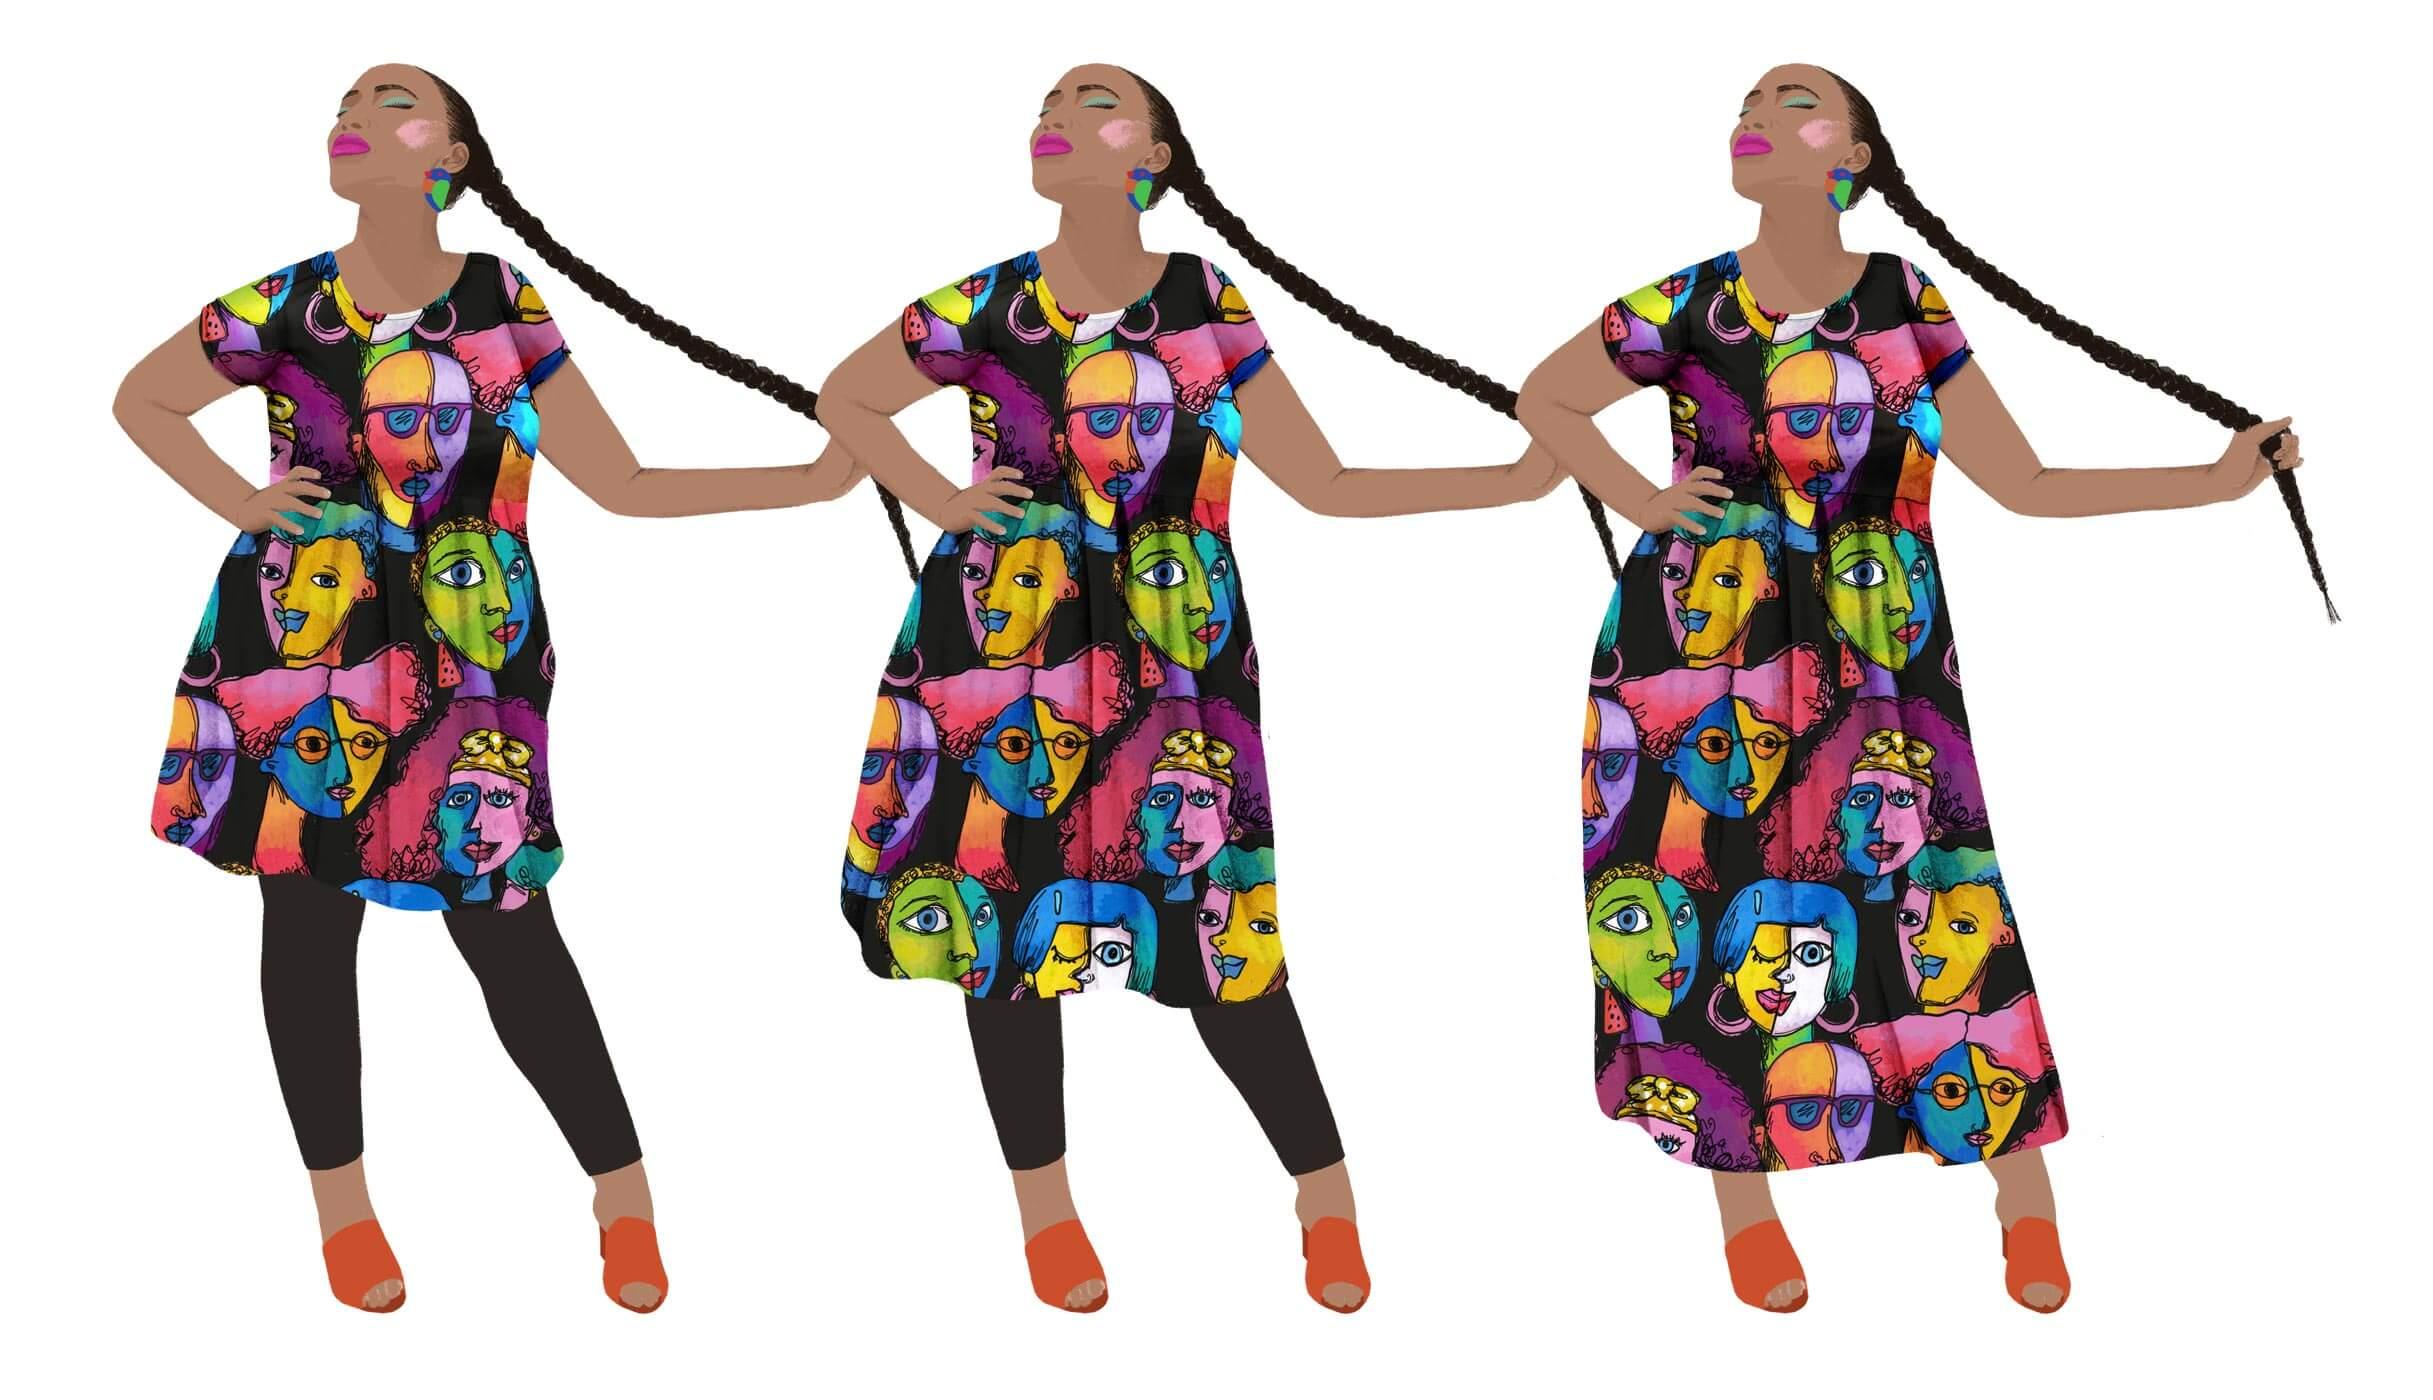 kablooie 3 dress lengths